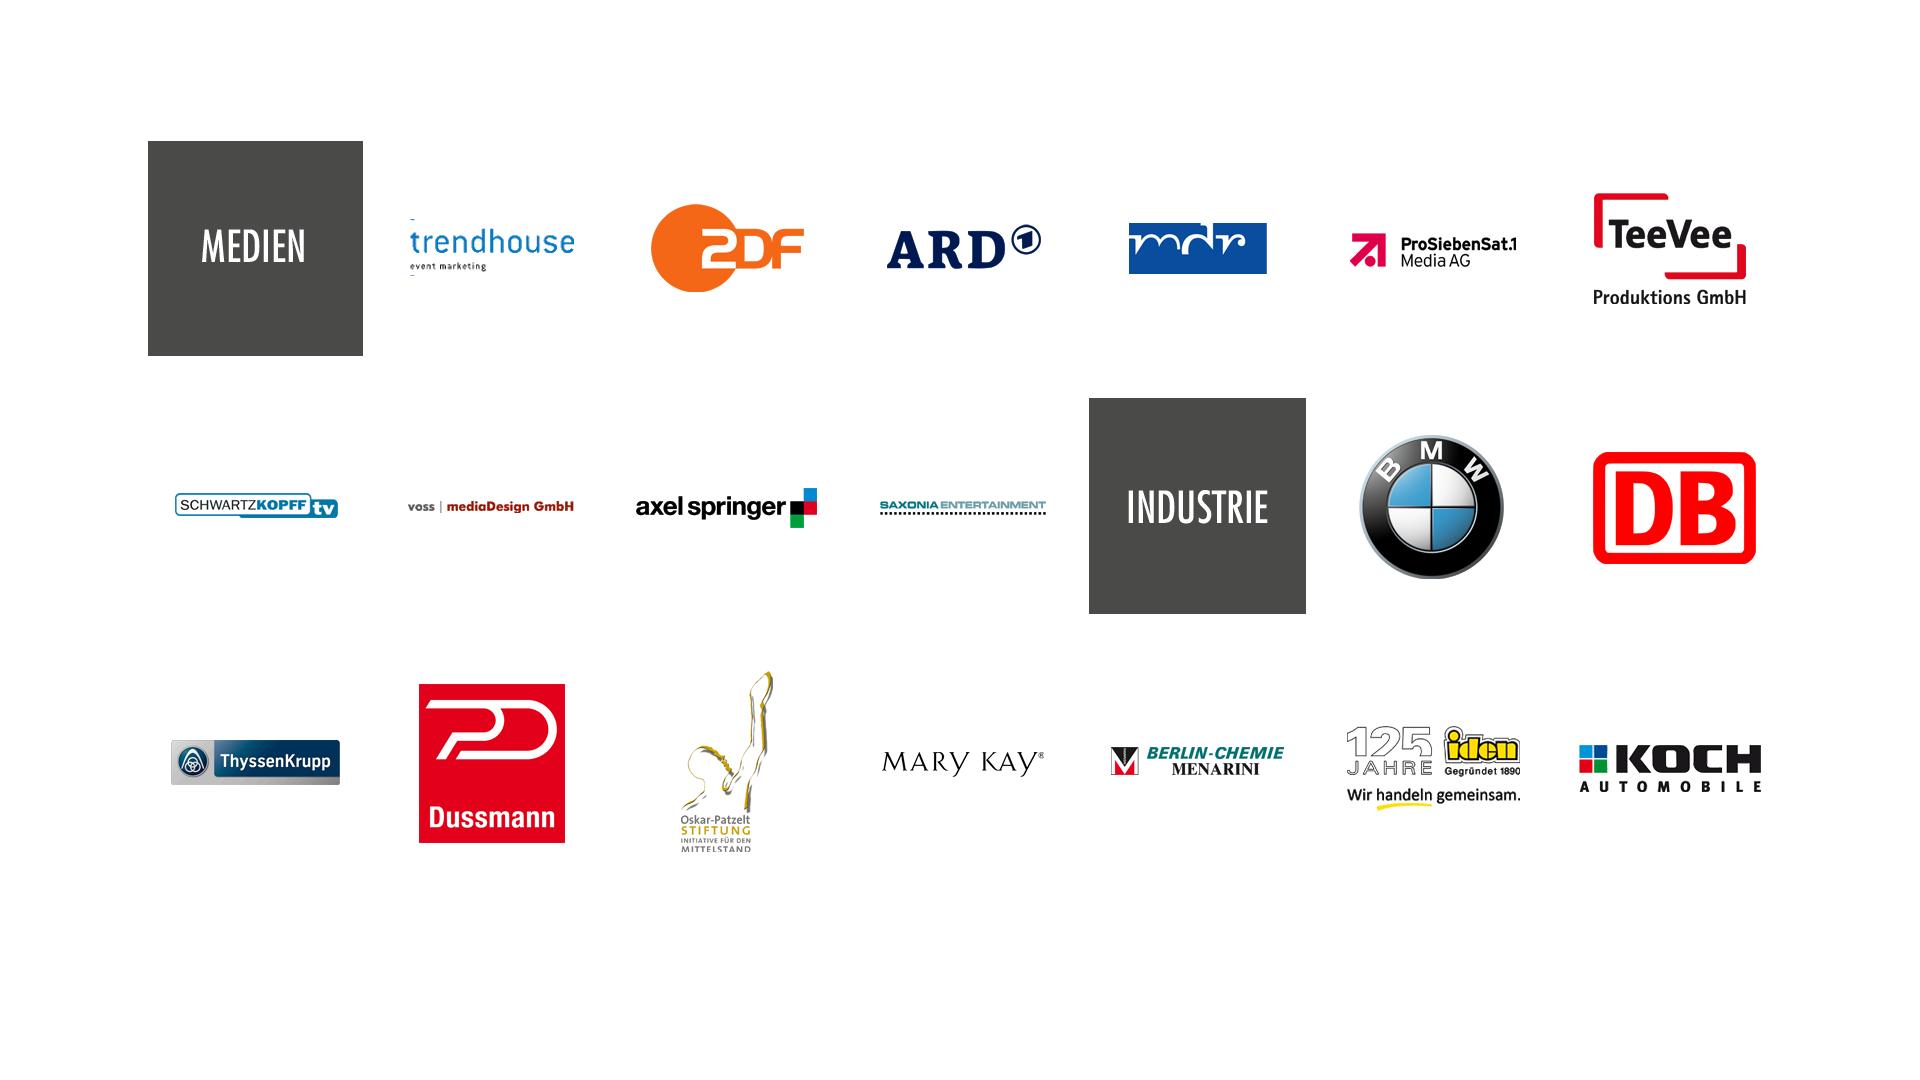 Referenzen BTA Video Marketing GmbH